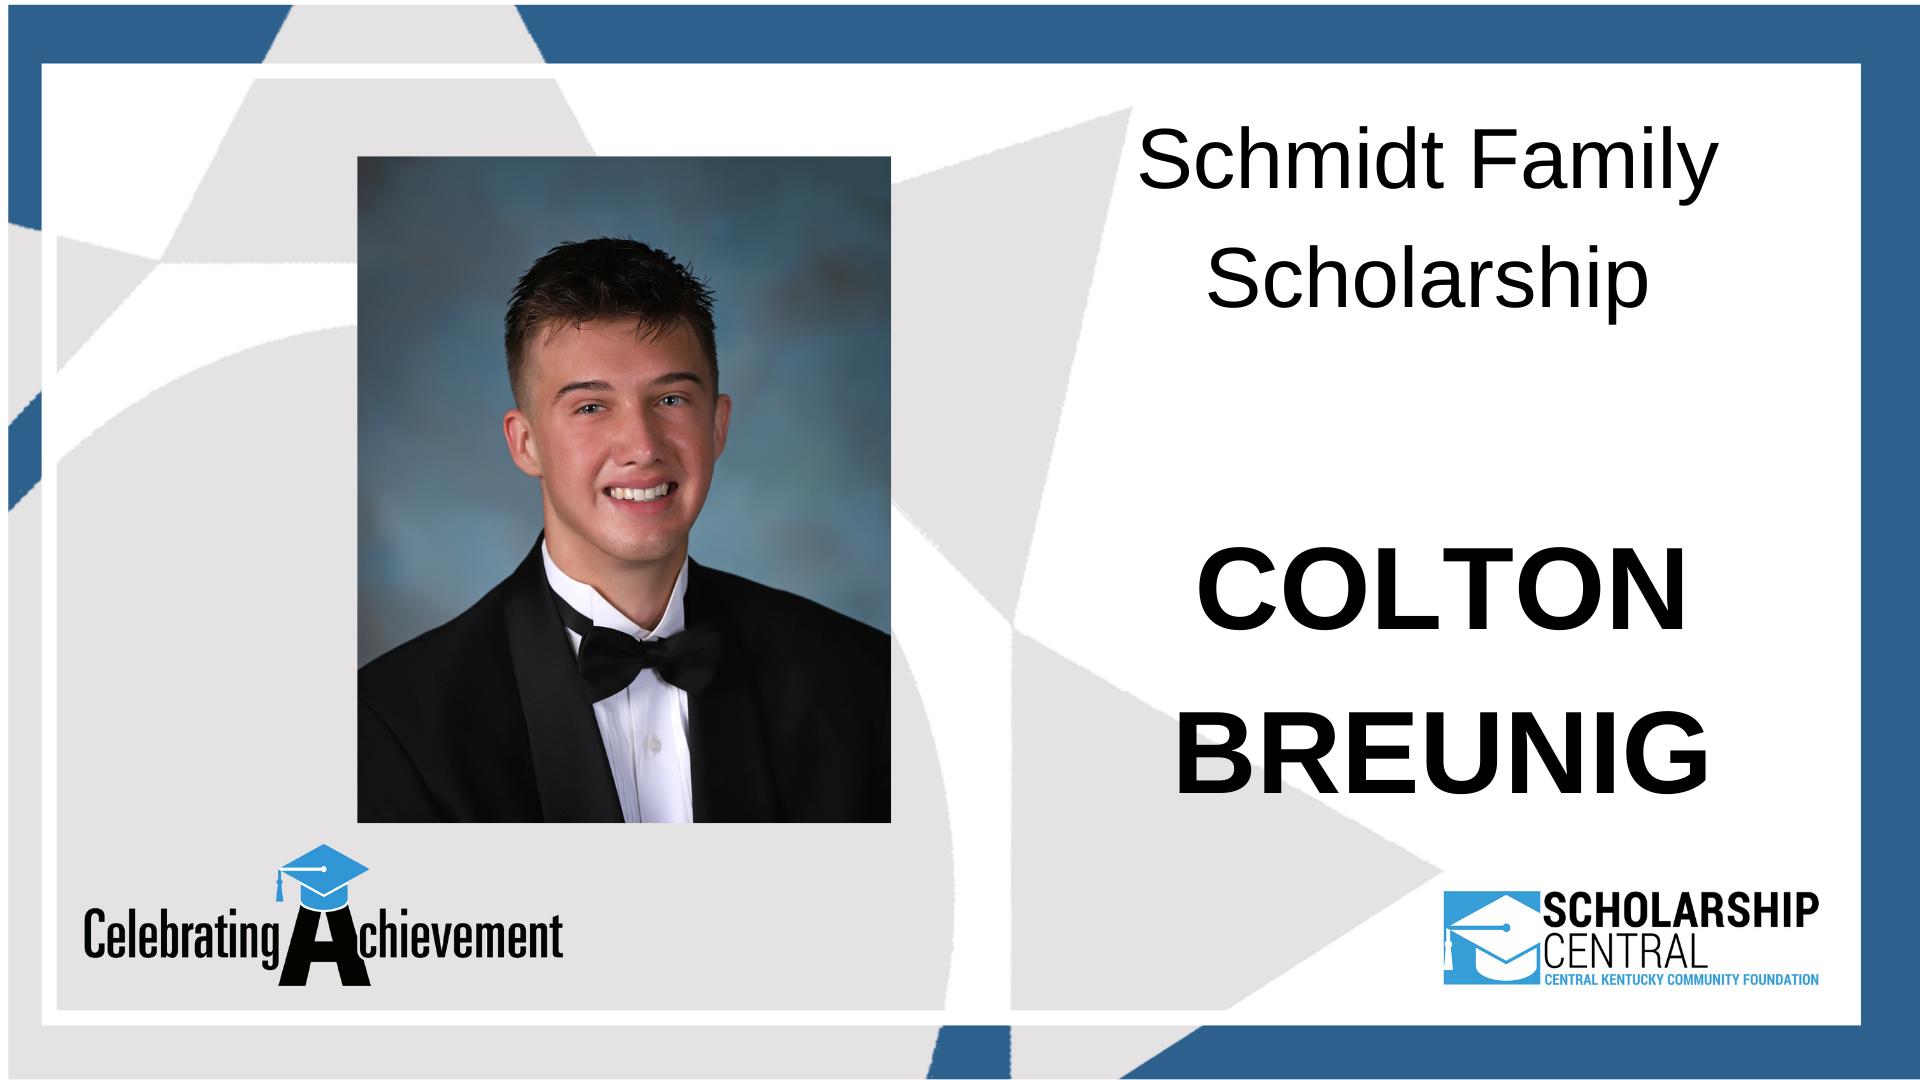 Schmidt Family Scholarship Winner